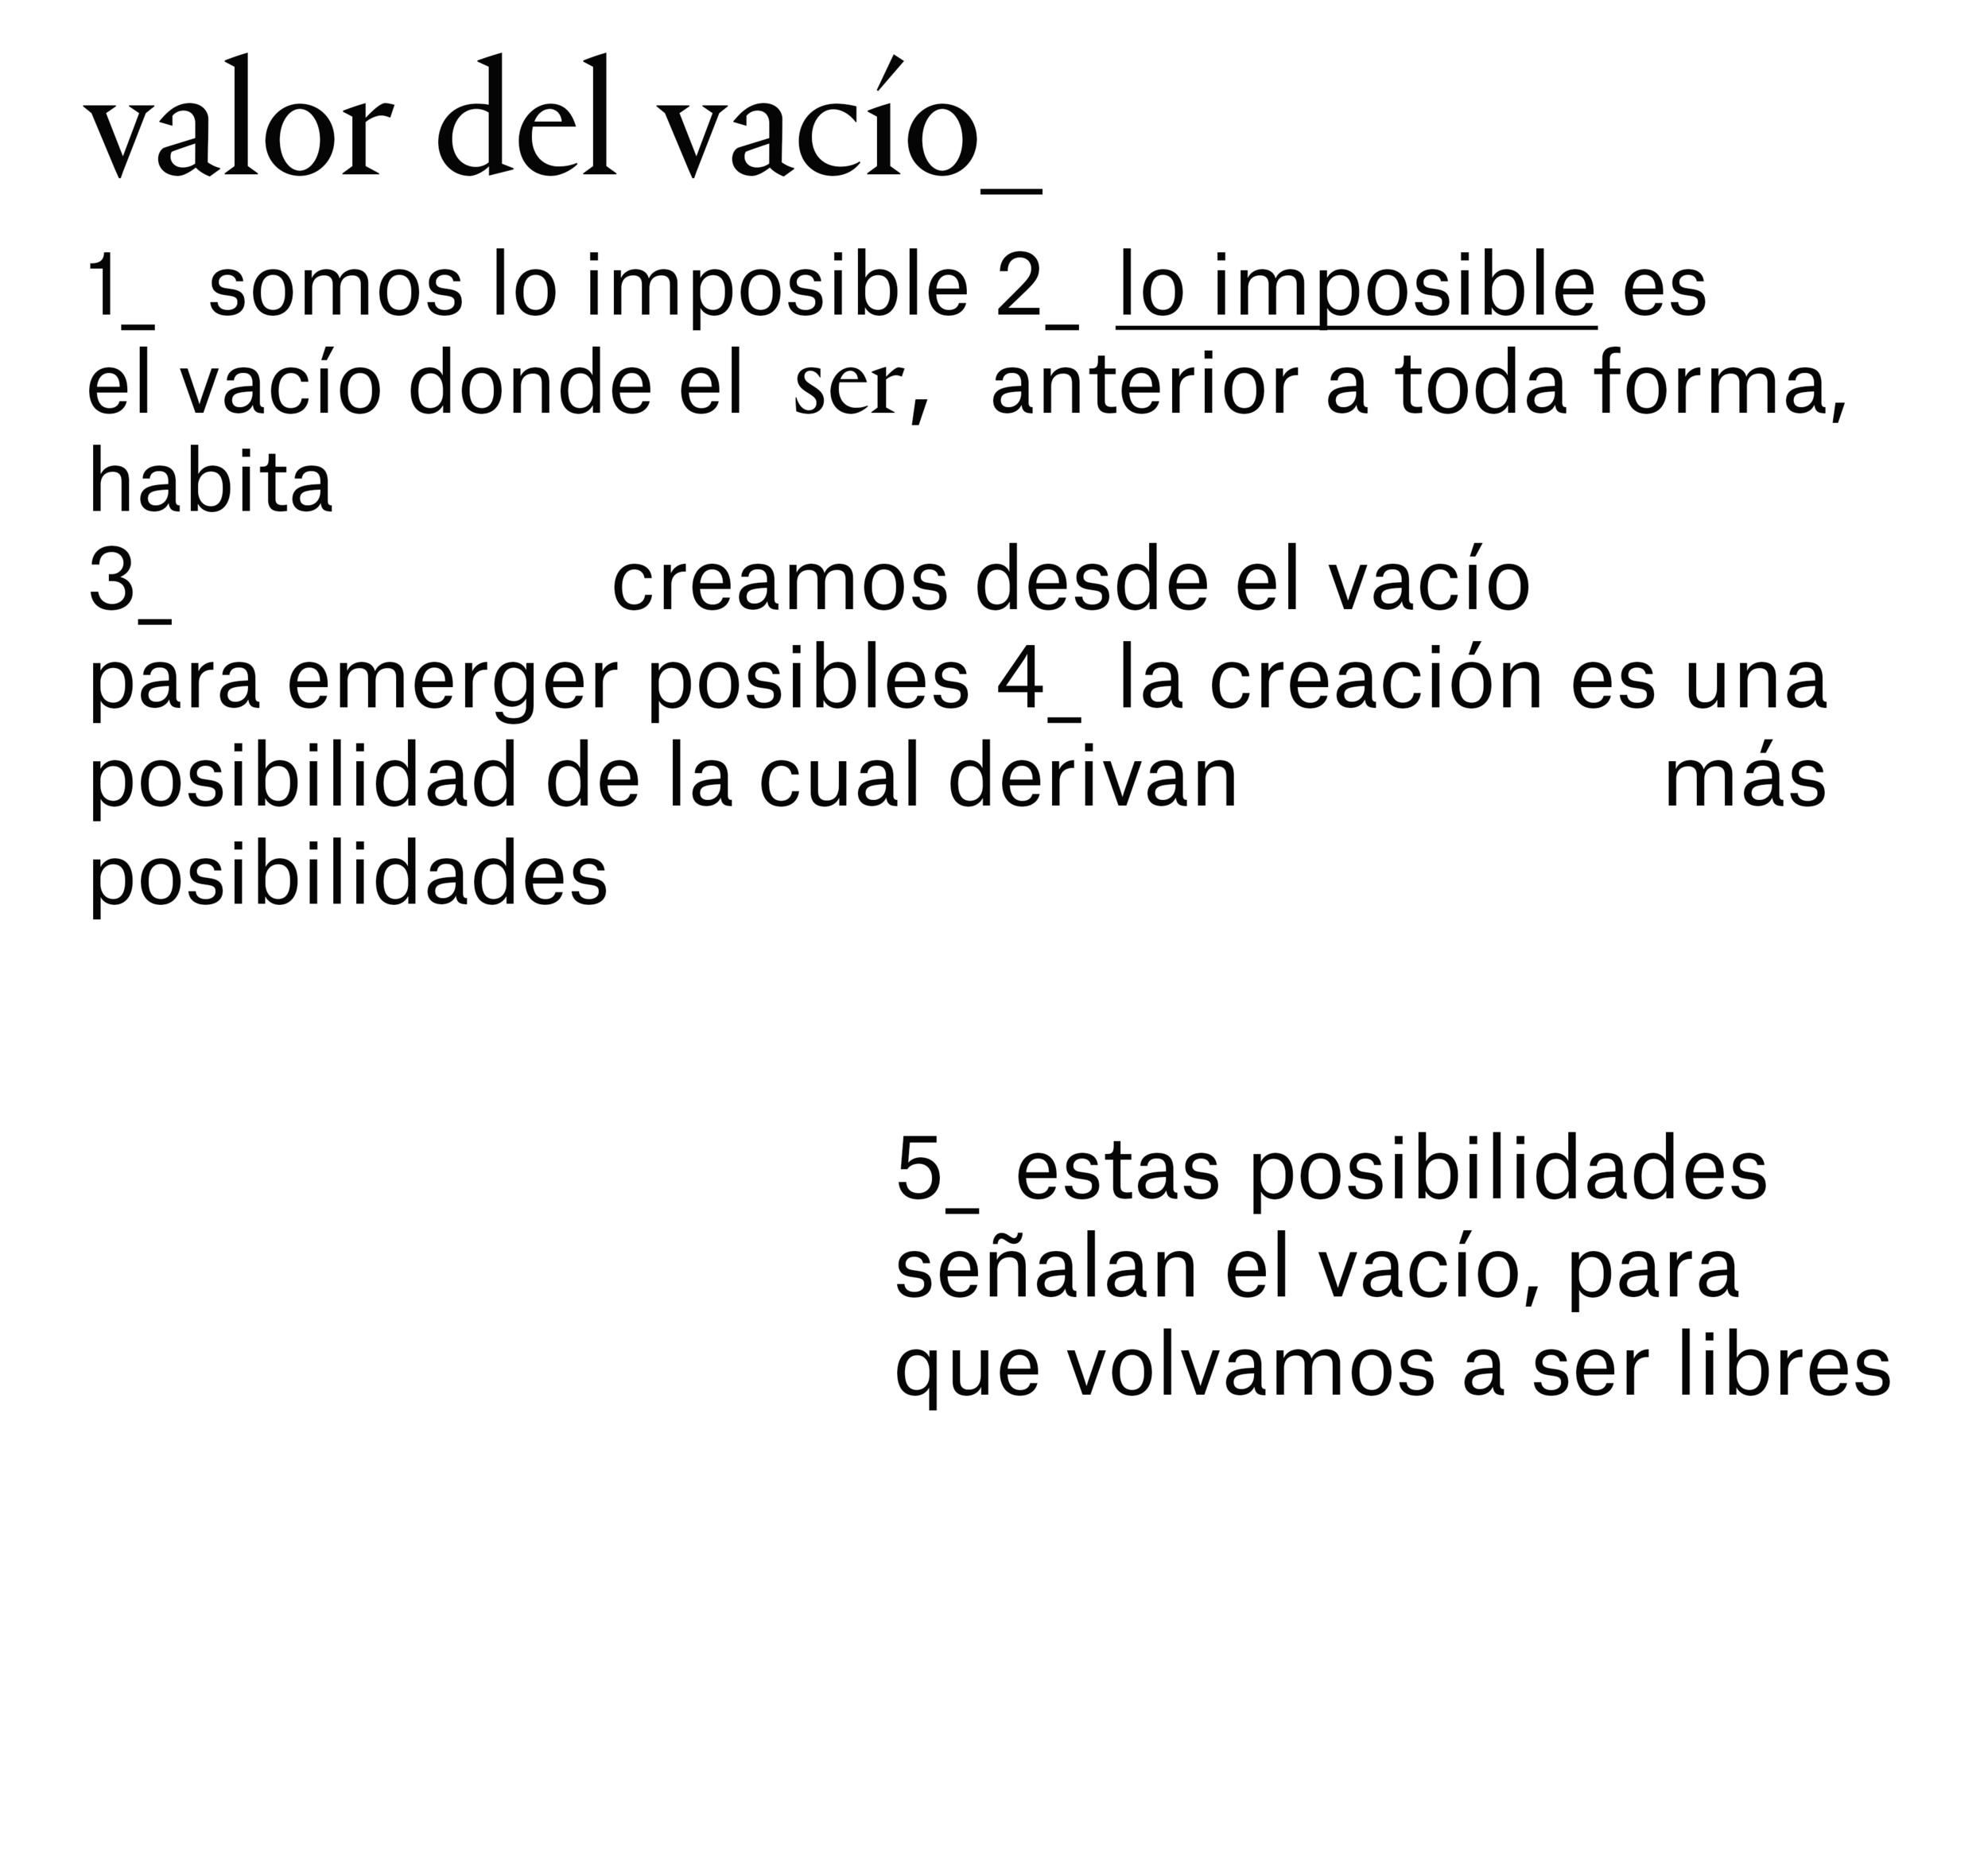 valor-del-vacío2.png